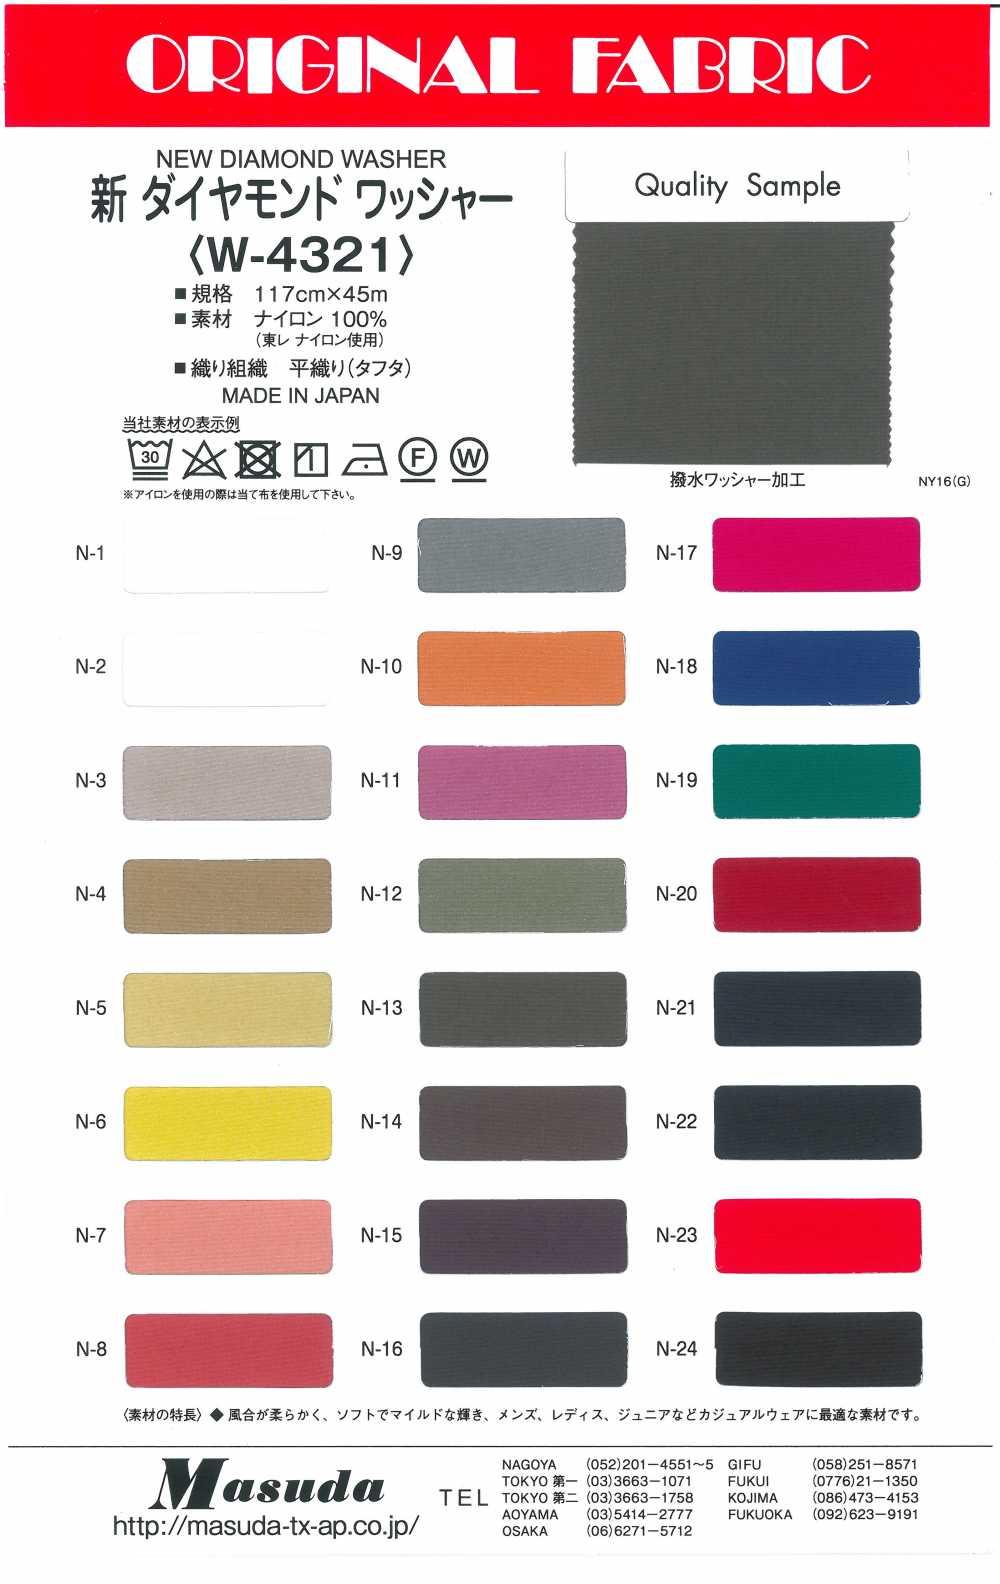 WG-4001 ダイヤモンドワッシャー[生地] Masuda(マスダ)/オークラ商事 - ApparelX アパレル資材卸通販